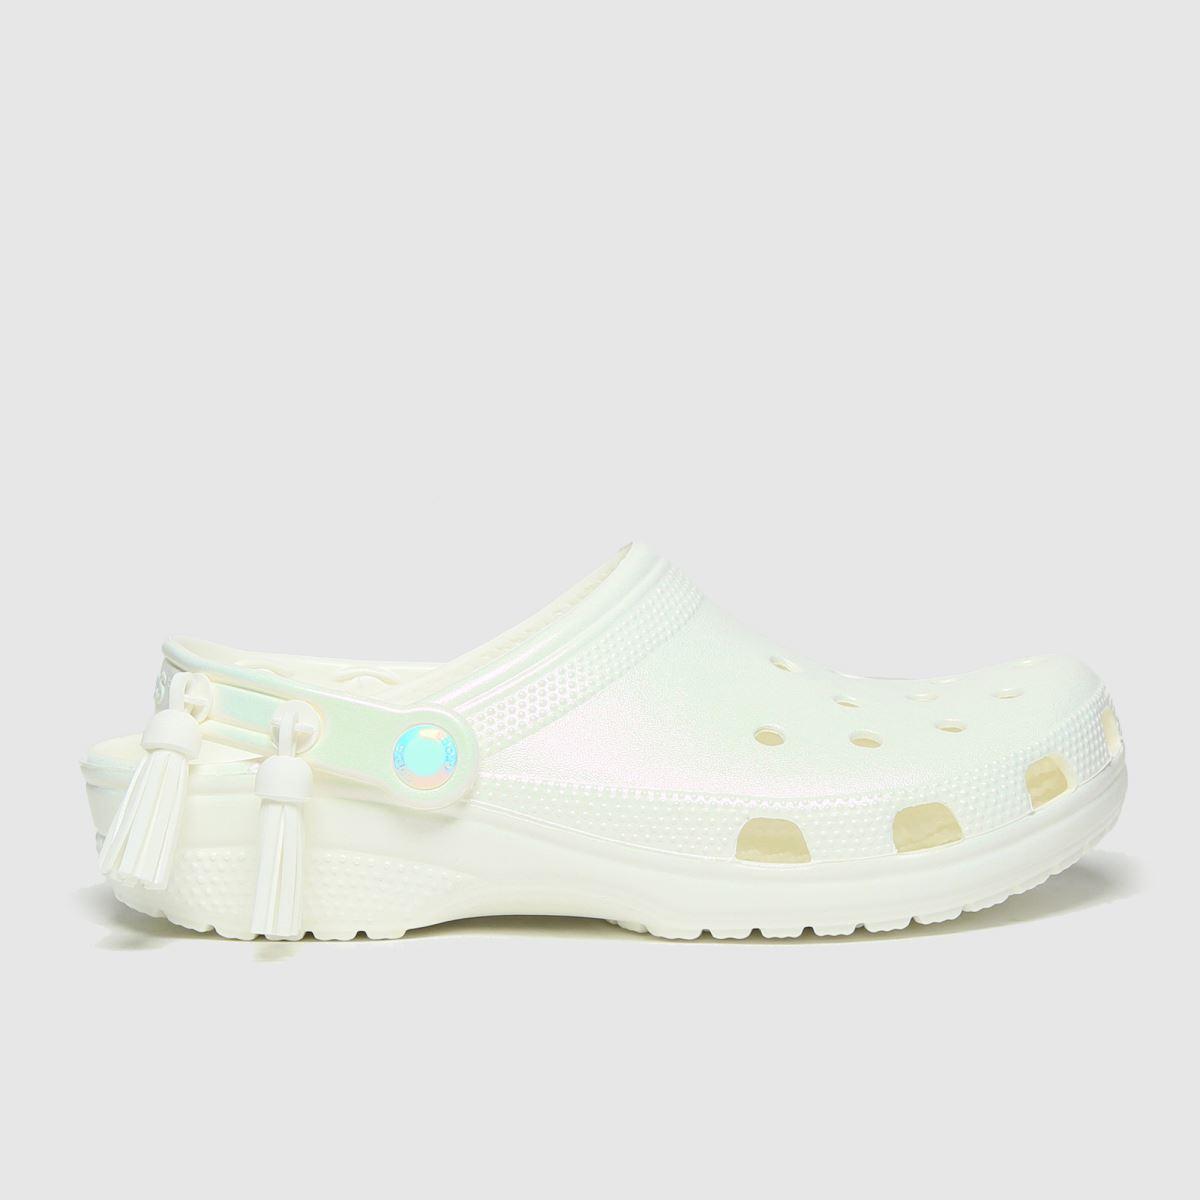 Crocs Crocs Silver Festival Classic Clog Sandals